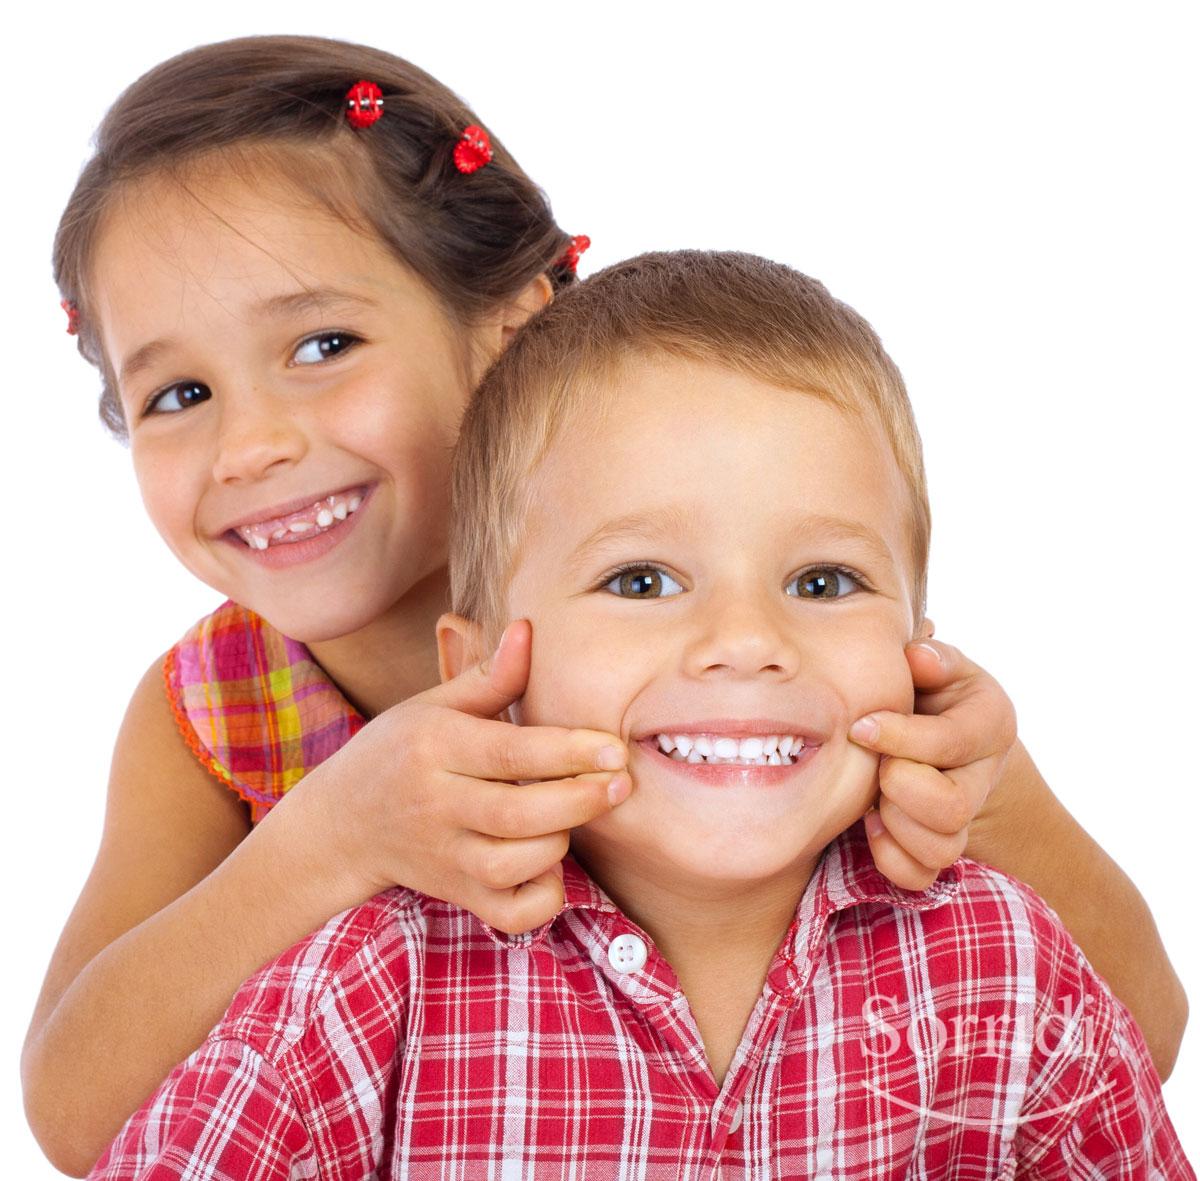 sorridi-ch-magazine-malocclusioni-dentali-comuni